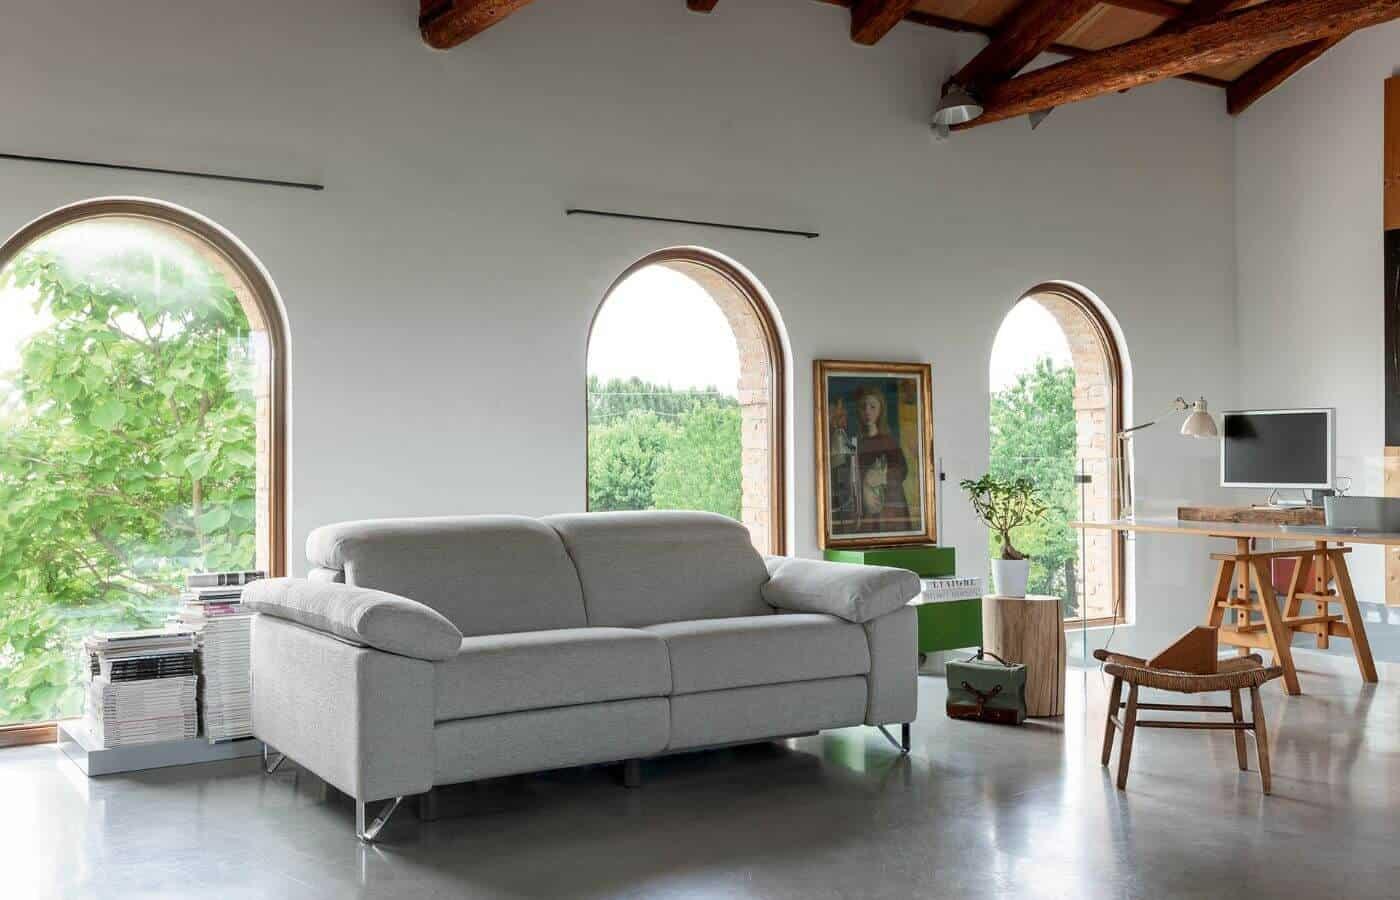 divani-relax-collezione-rialto-il-mobile (1)